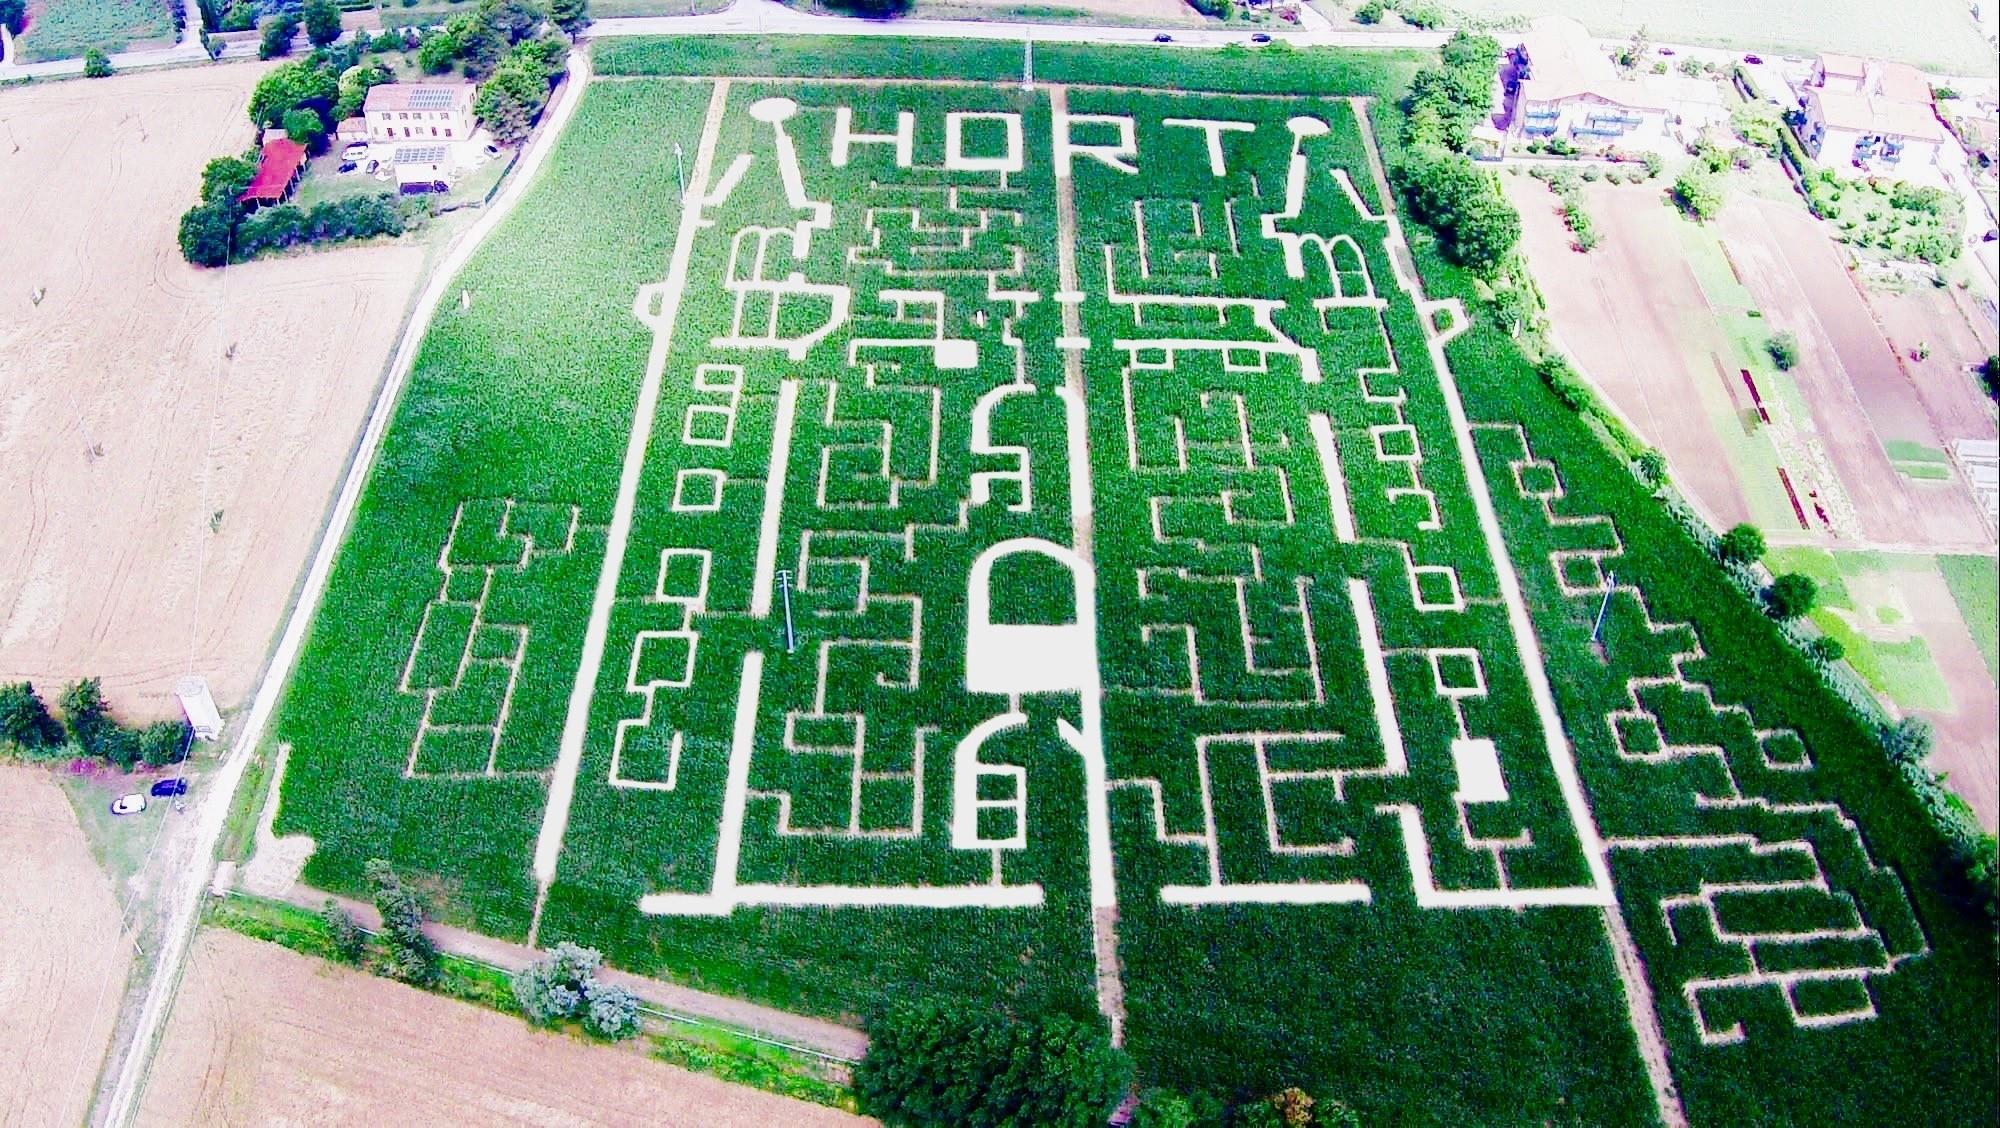 labirinto di mais, labirinto italia, labirinto senigallia, labirinto , maze italy, corn maze italy, big corn maze italy, hort labirinto